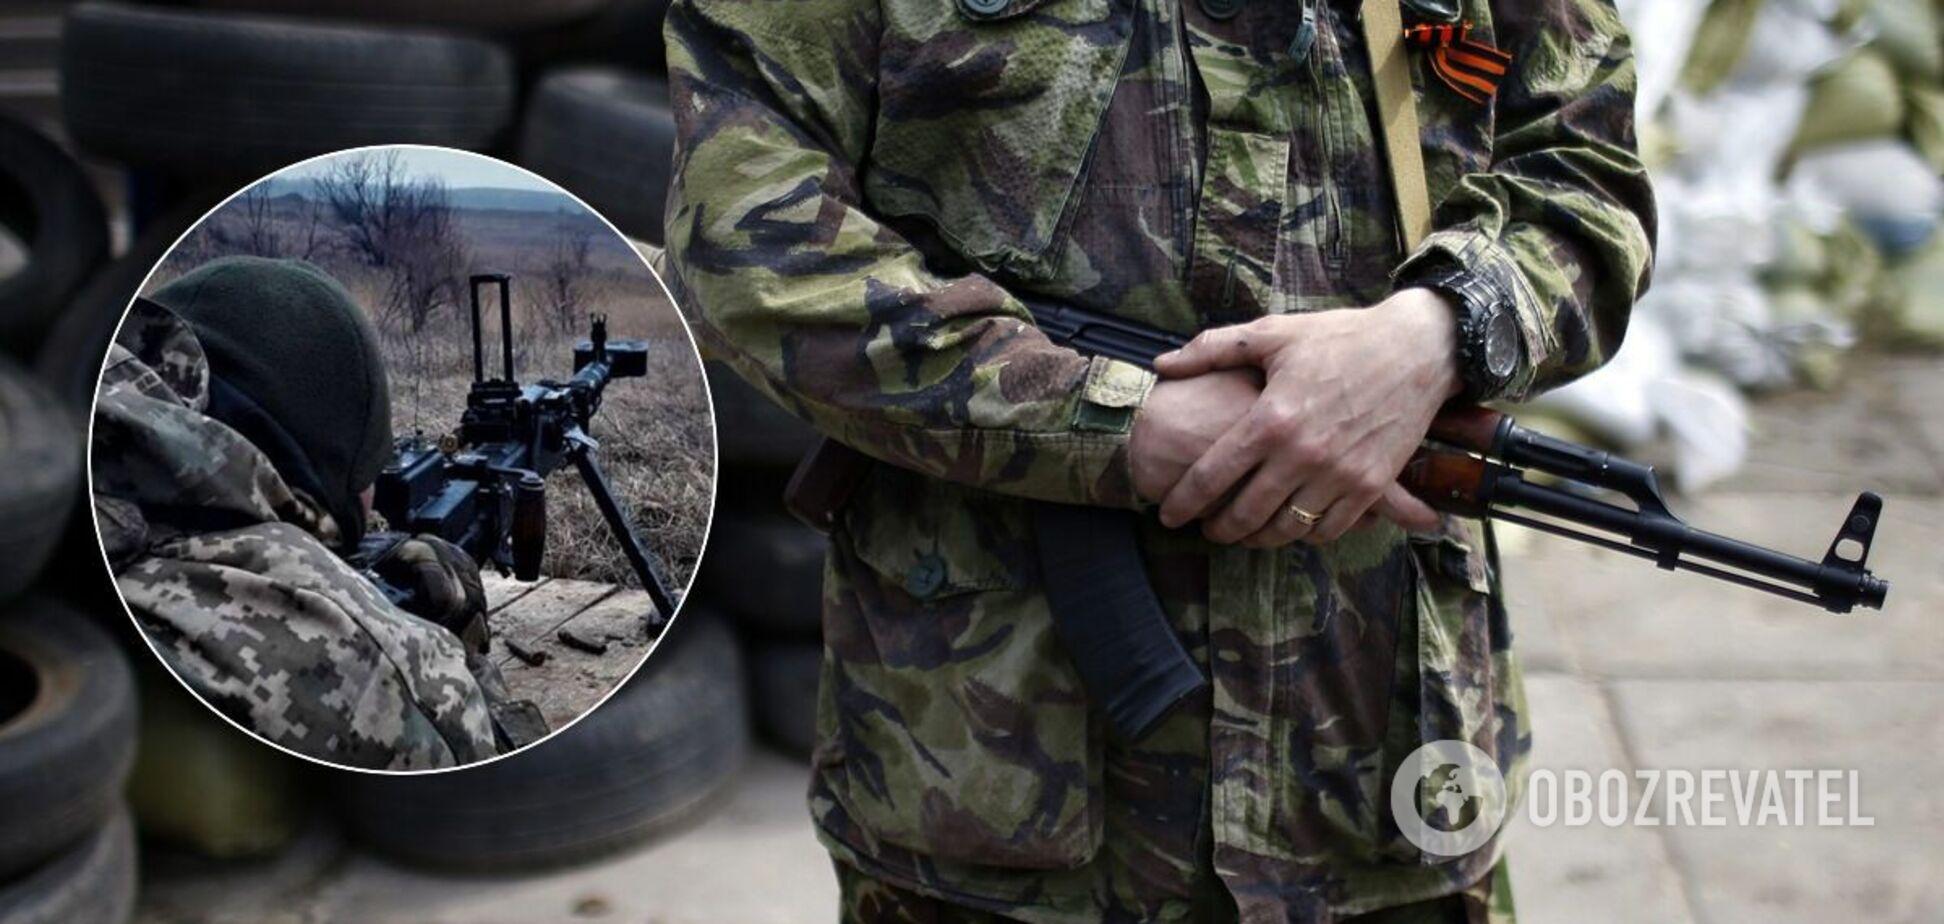 Терористи на Донбасі знову порушили перемир'я та вели вогонь по ЗСУ